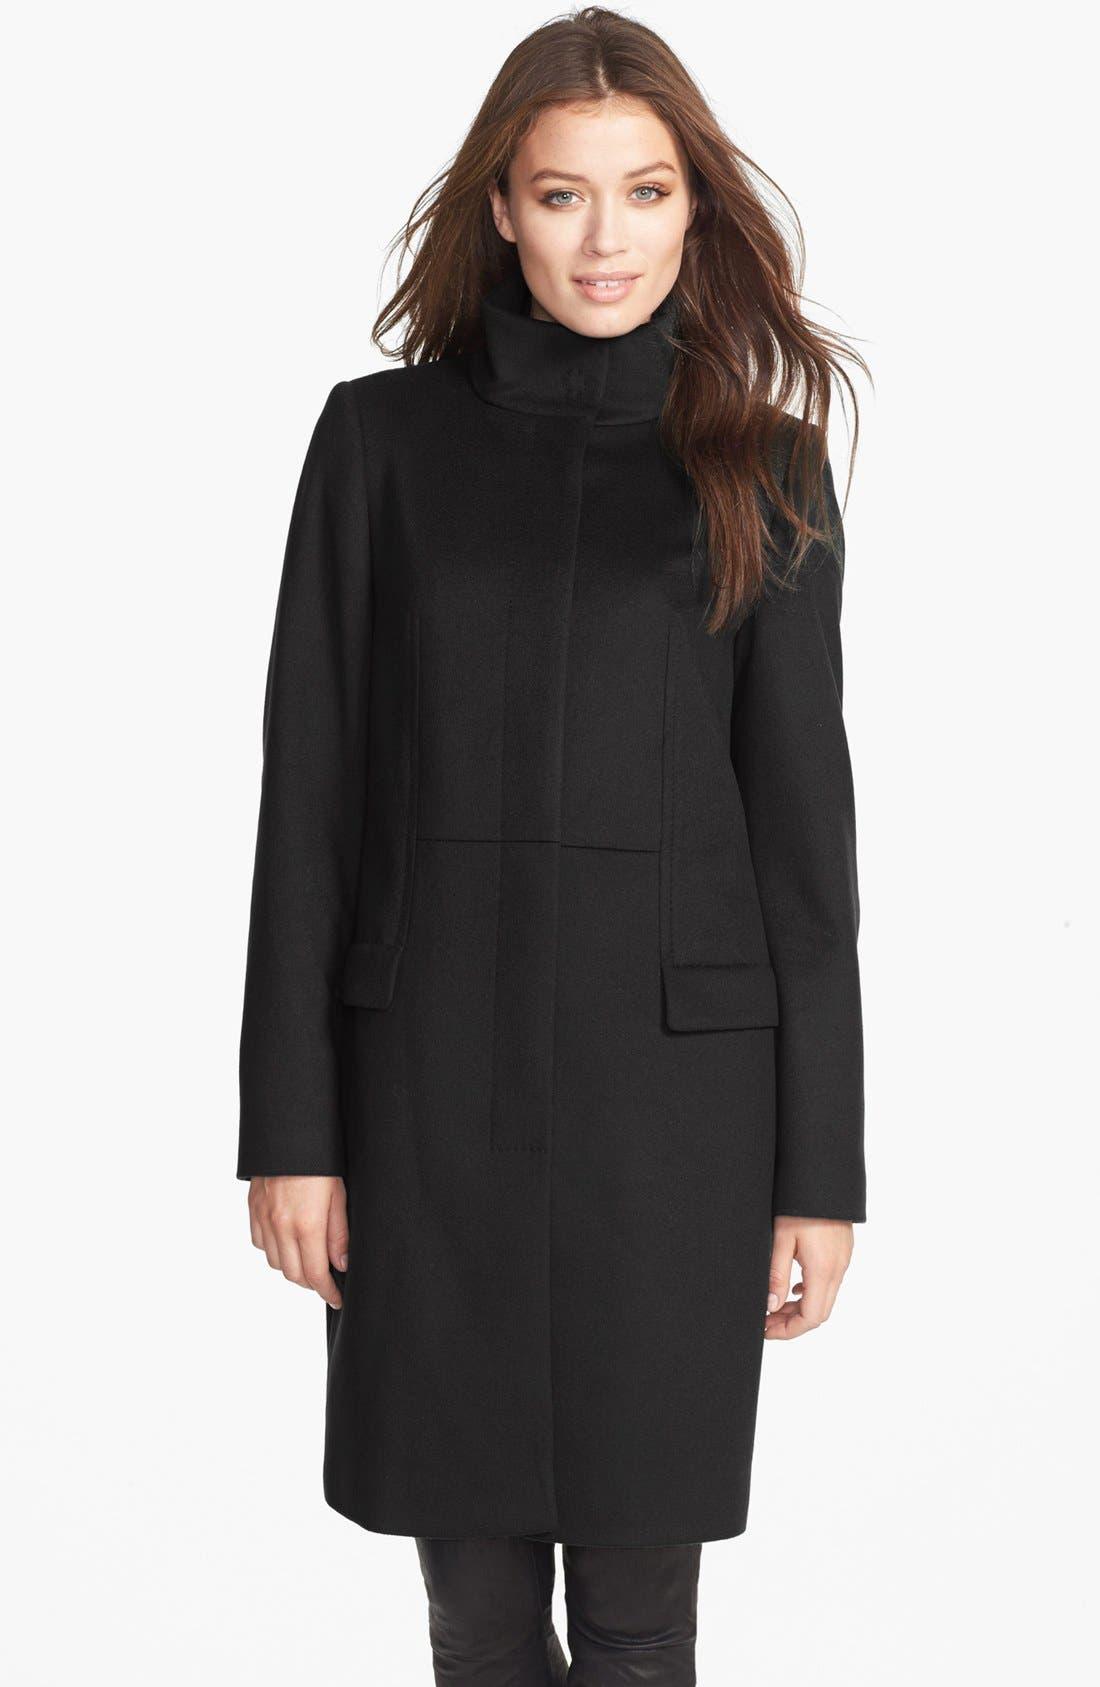 Alternate Image 1 Selected - BOSS HUGO BOSS 'Celira' Wool & Cashmere Coat